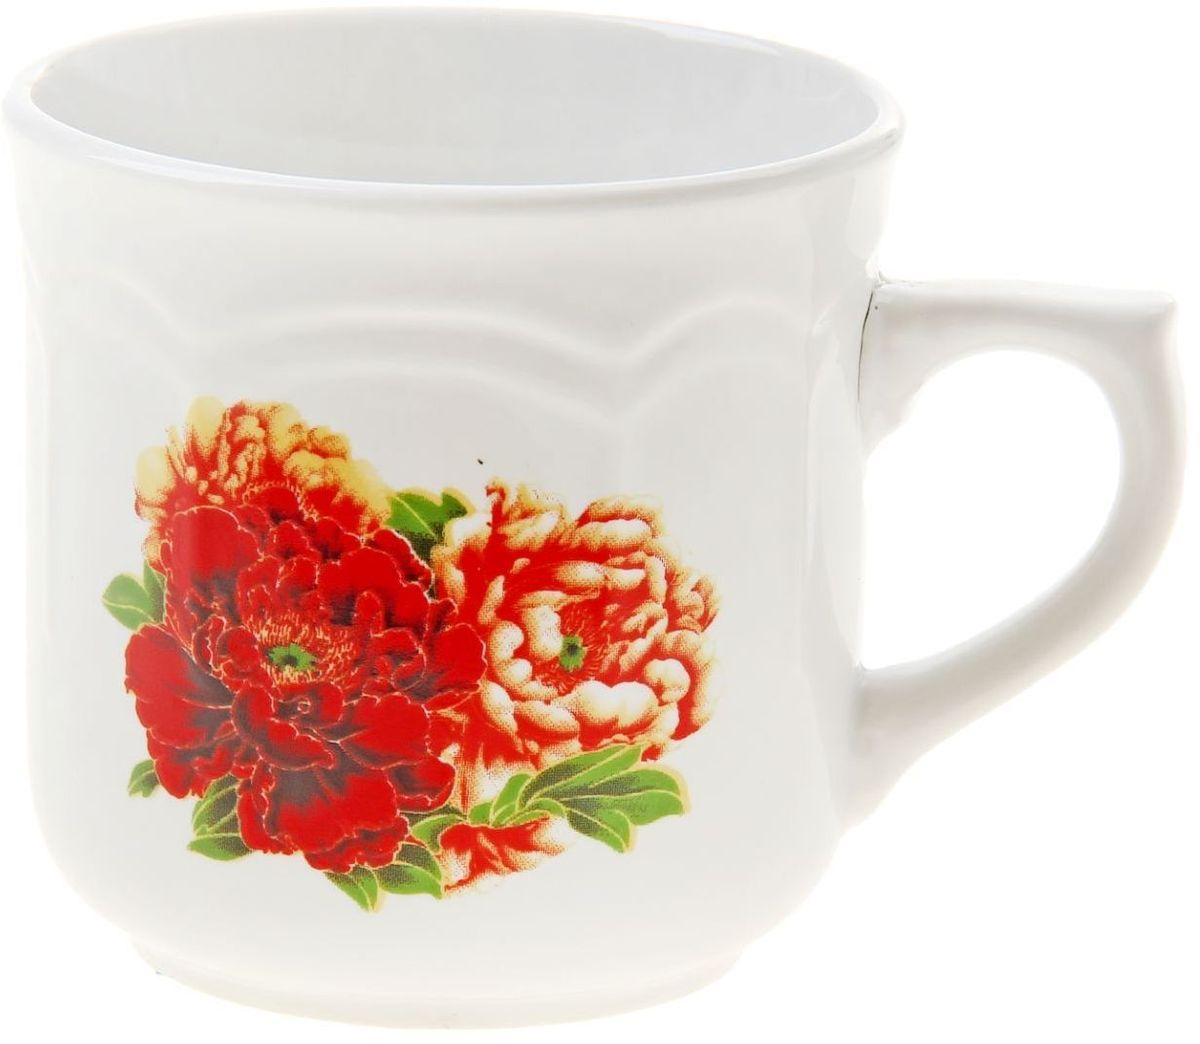 Кружка Доляна Розы, 290 мл863667Кружка Доляна Розы изготовлена из керамики. Она украшена оригинальным принтом с яркими цветами. Кружка станет отличным подарком для родных и близких. Это любимый аксессуар на долгие годы.Относитесь к изделию бережно, и оно будет дарить прекрасное настроение каждый день.